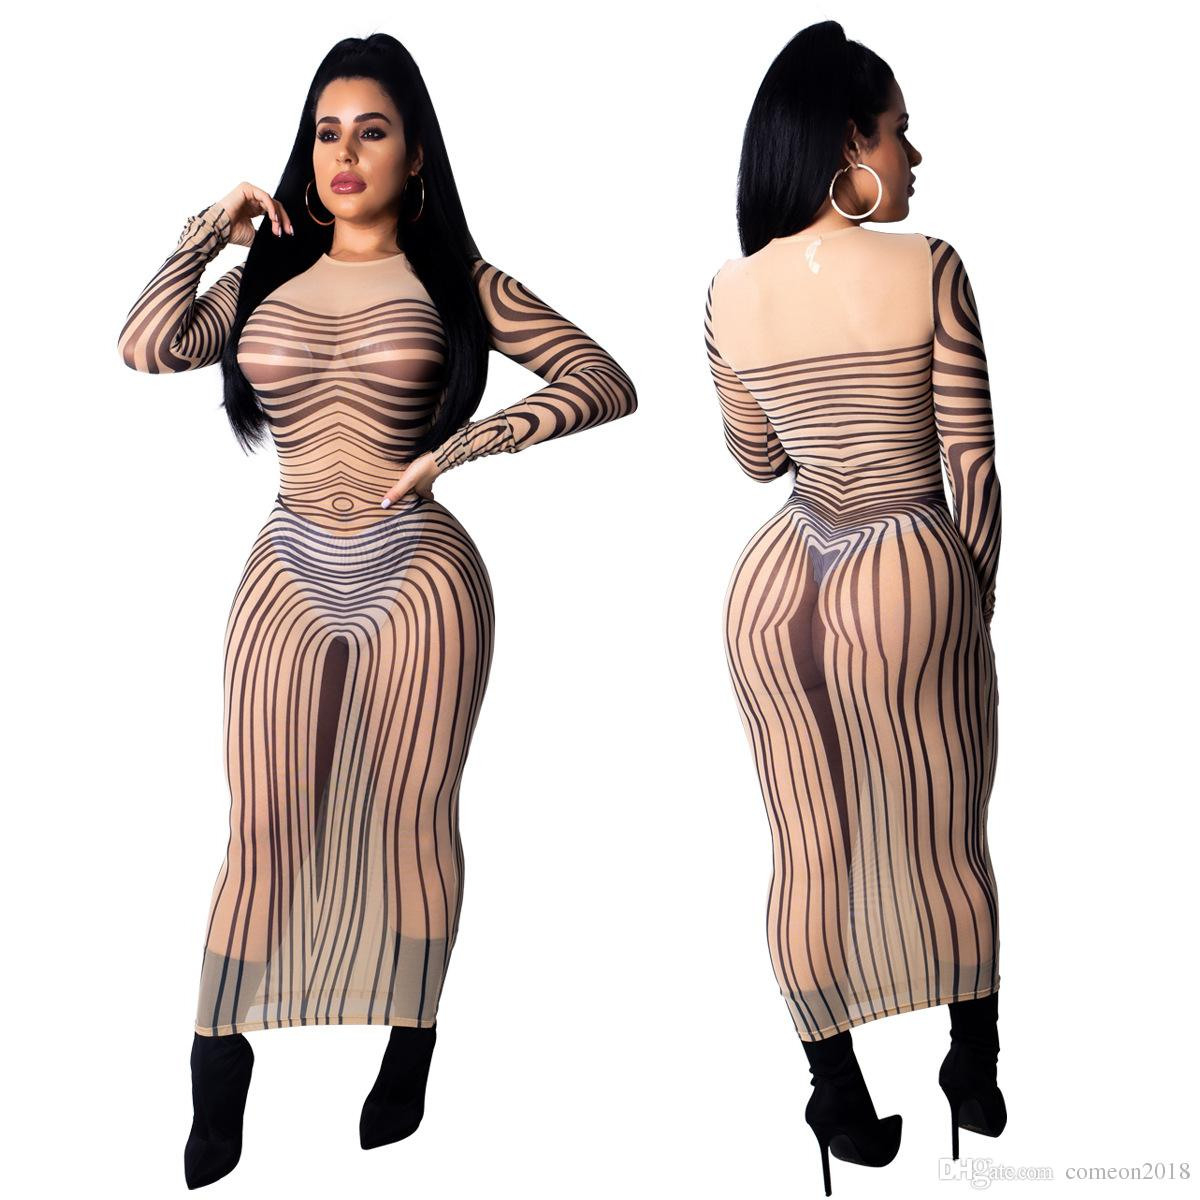 Formal Einzigartig Kleider Damen Spezialgebiet17 Einzigartig Kleider Damen Design